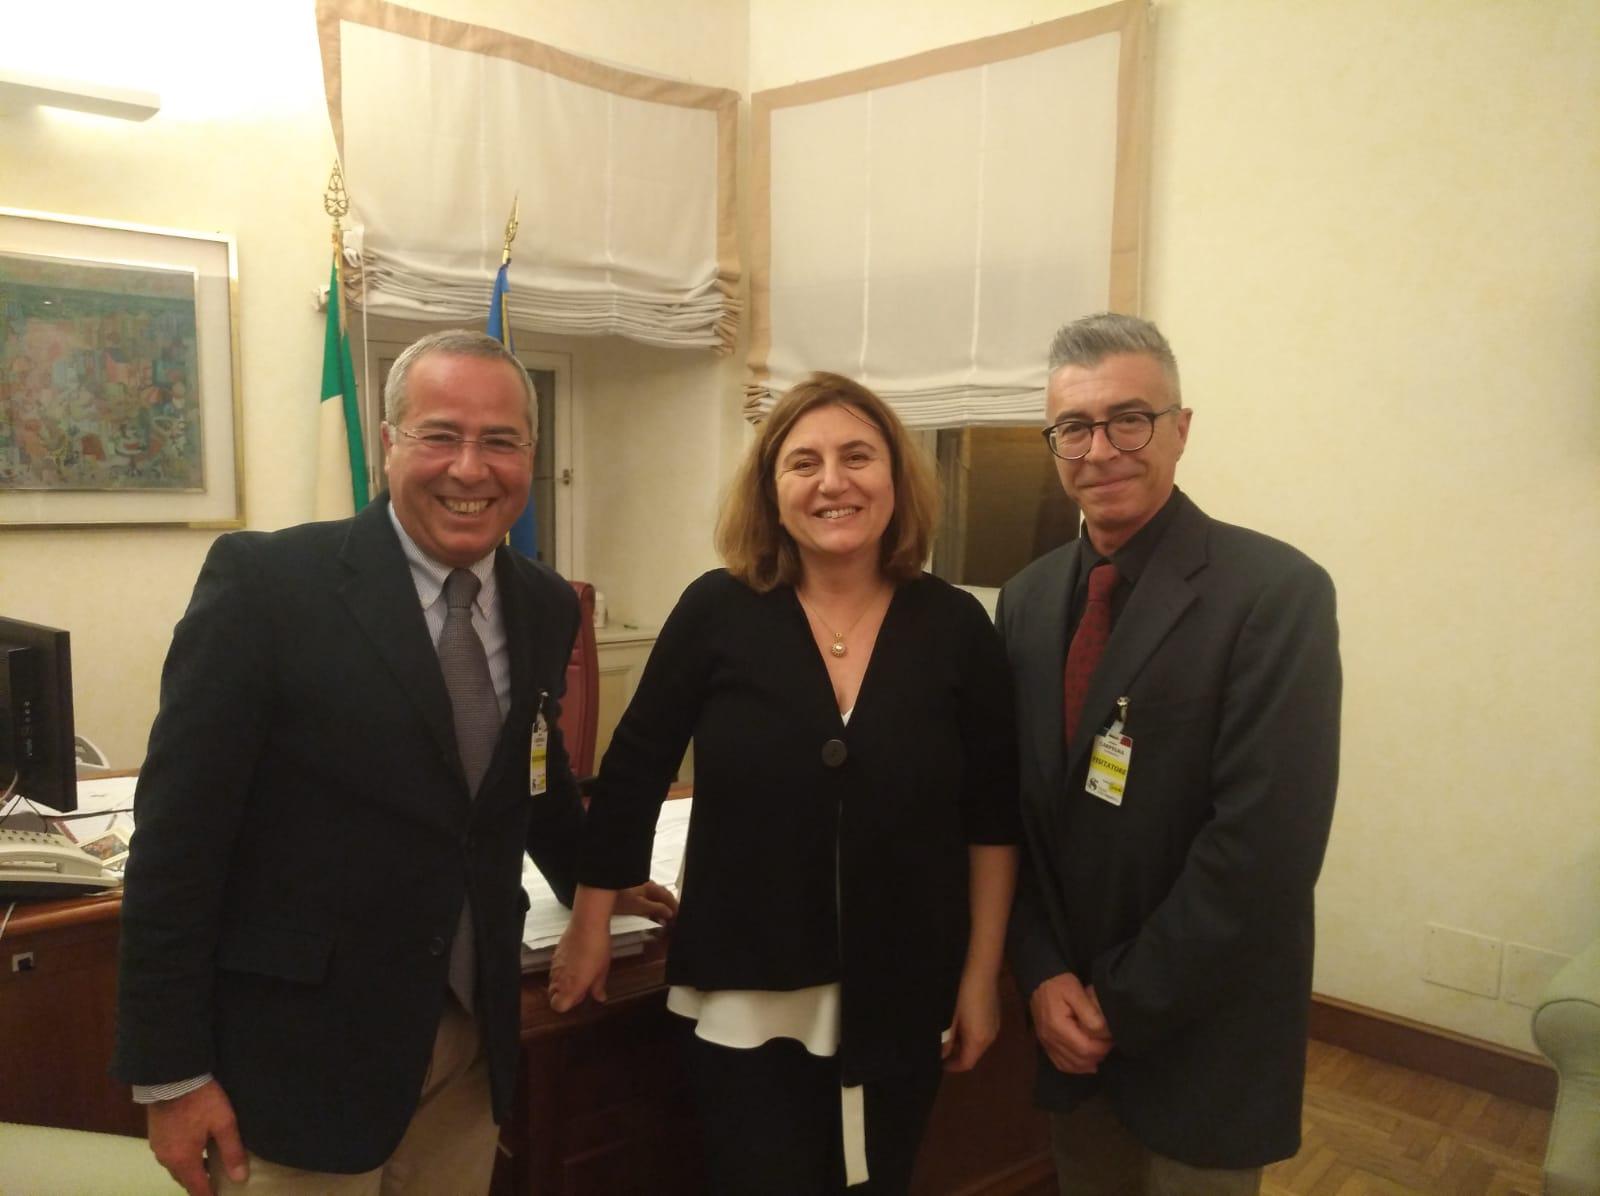 La senatrice Nunzia Catalfo incontra i rappresentanti di Dacca S.p.A.